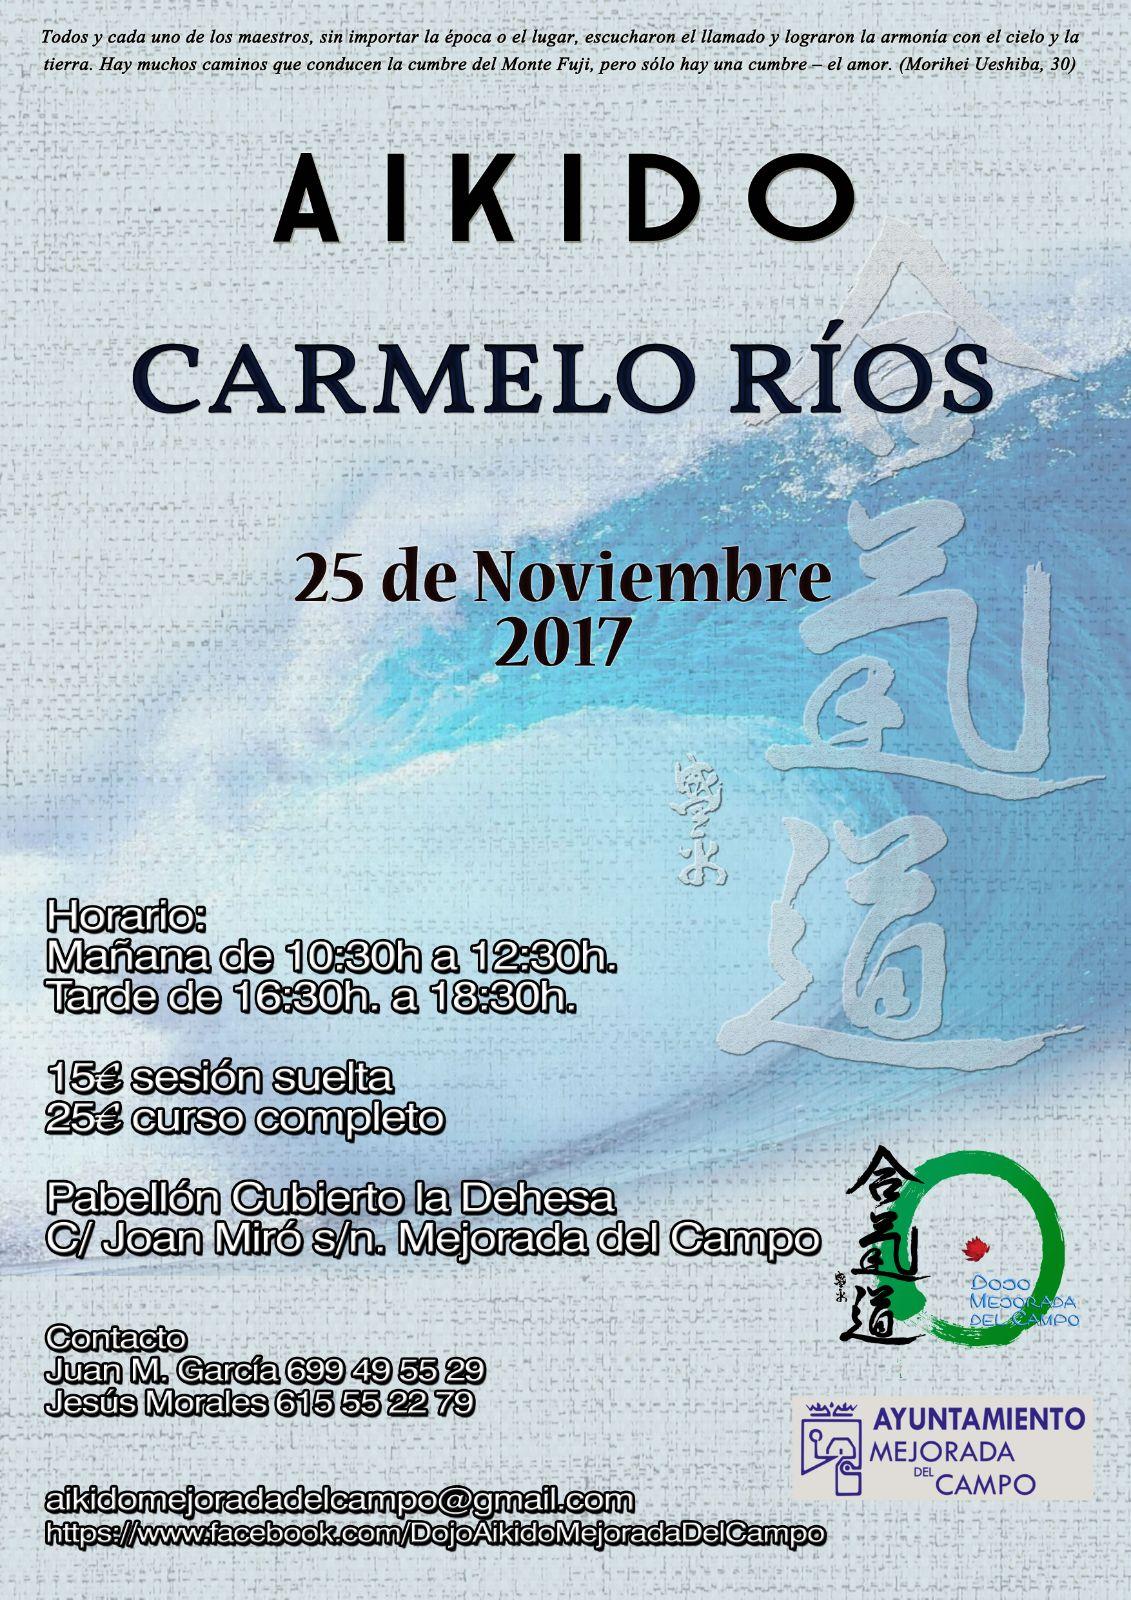 curso de aikido carmelo rios